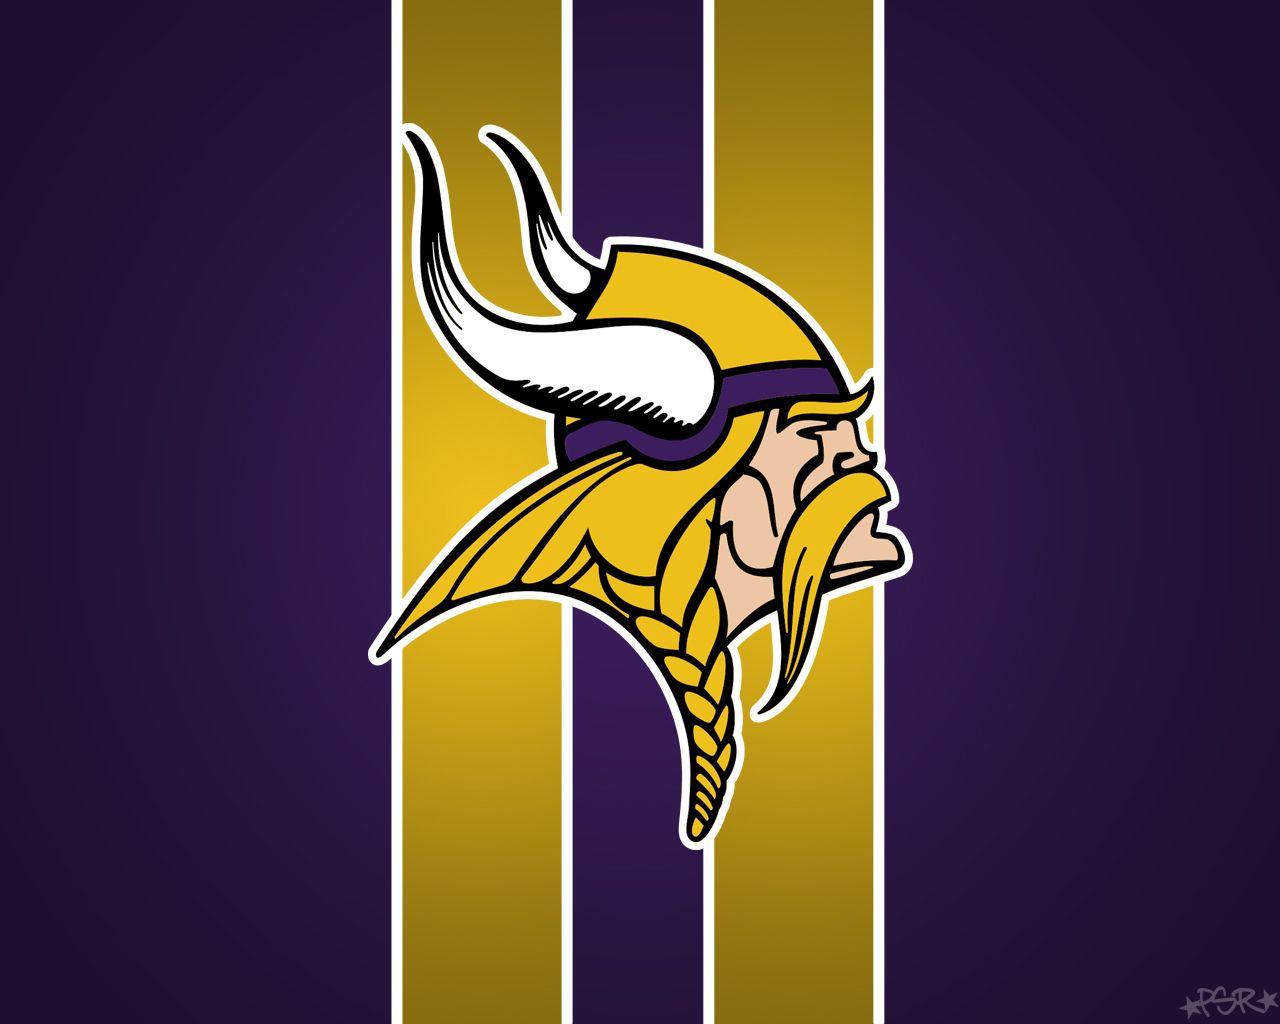 Hd Minnesota Vikings 1280x Wallpaper Minnesota Vikings Wallpaper Vikings Football Minnesota Vikings Football